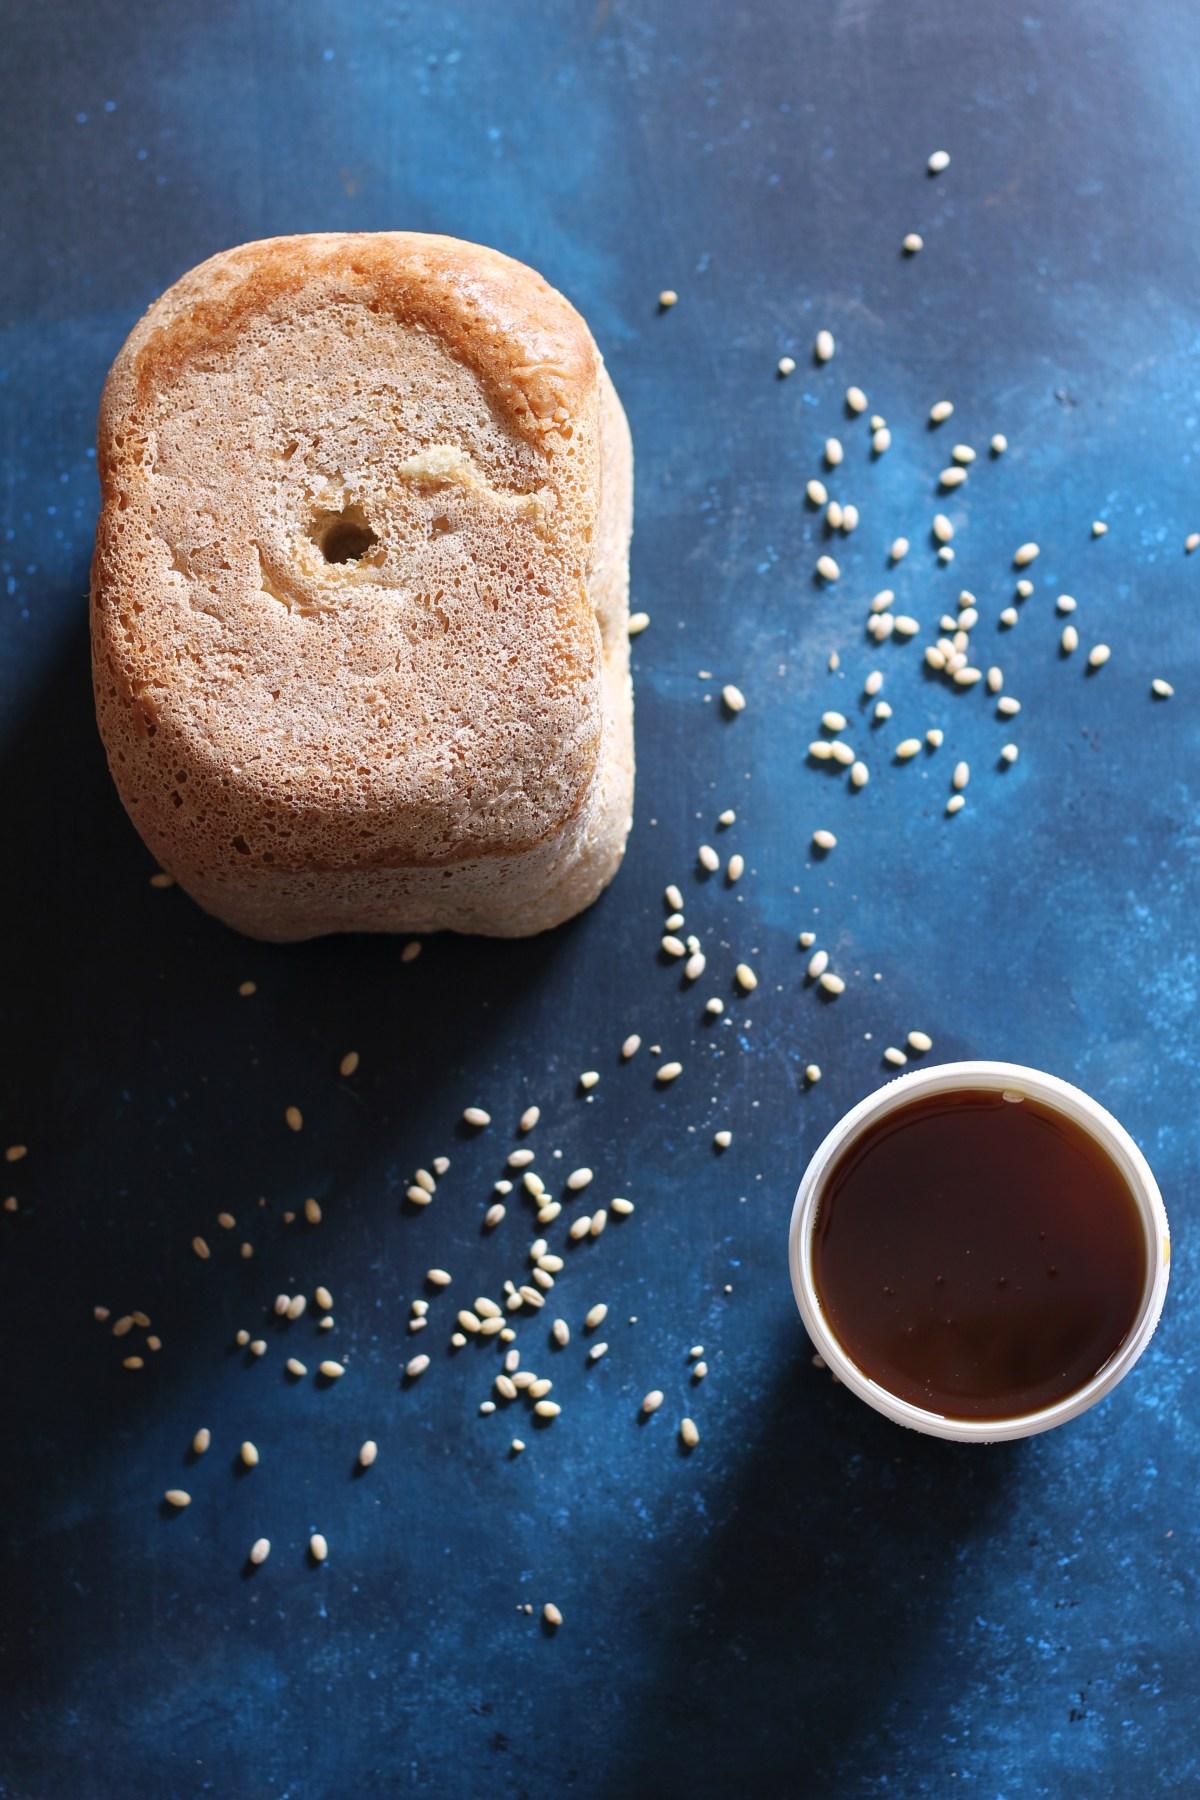 Pane all'orzo e malto di riso